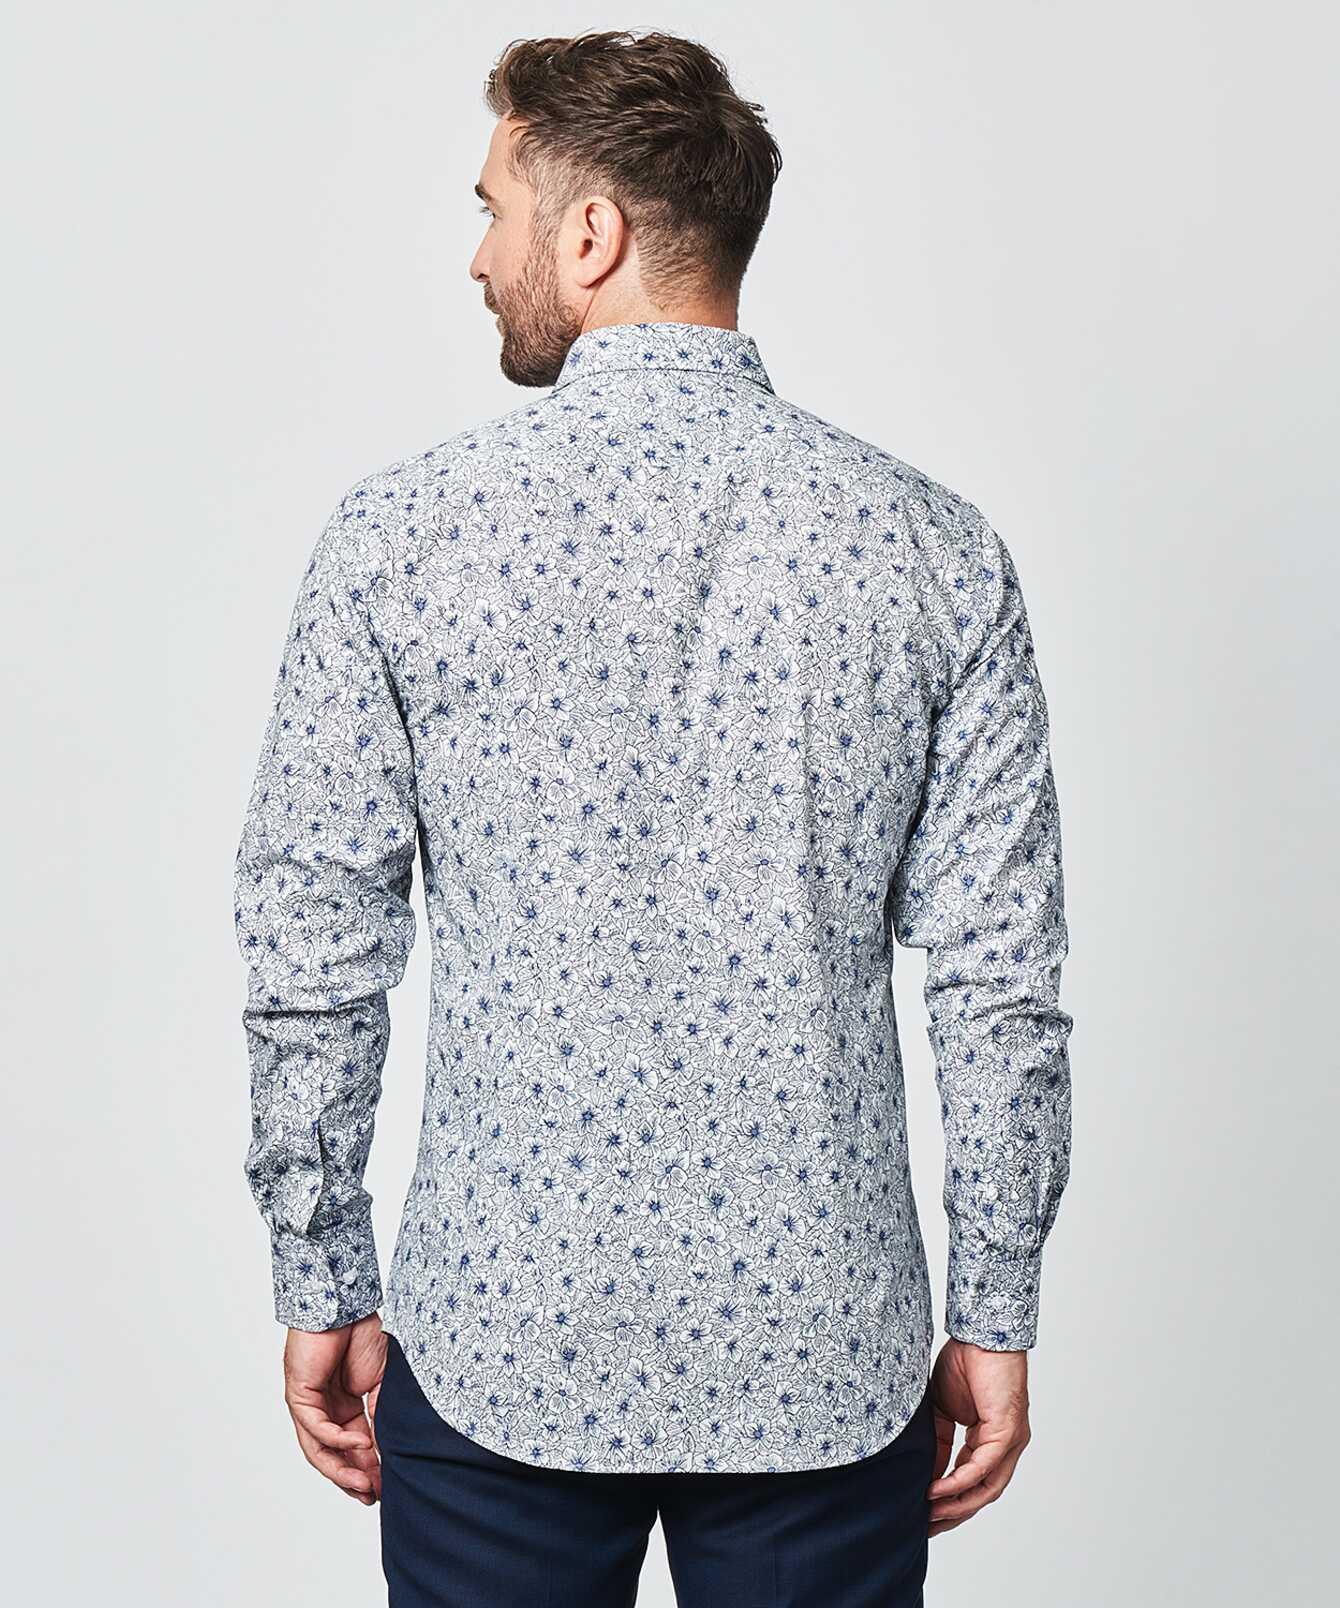 Shirt Amora The Shirt Factory